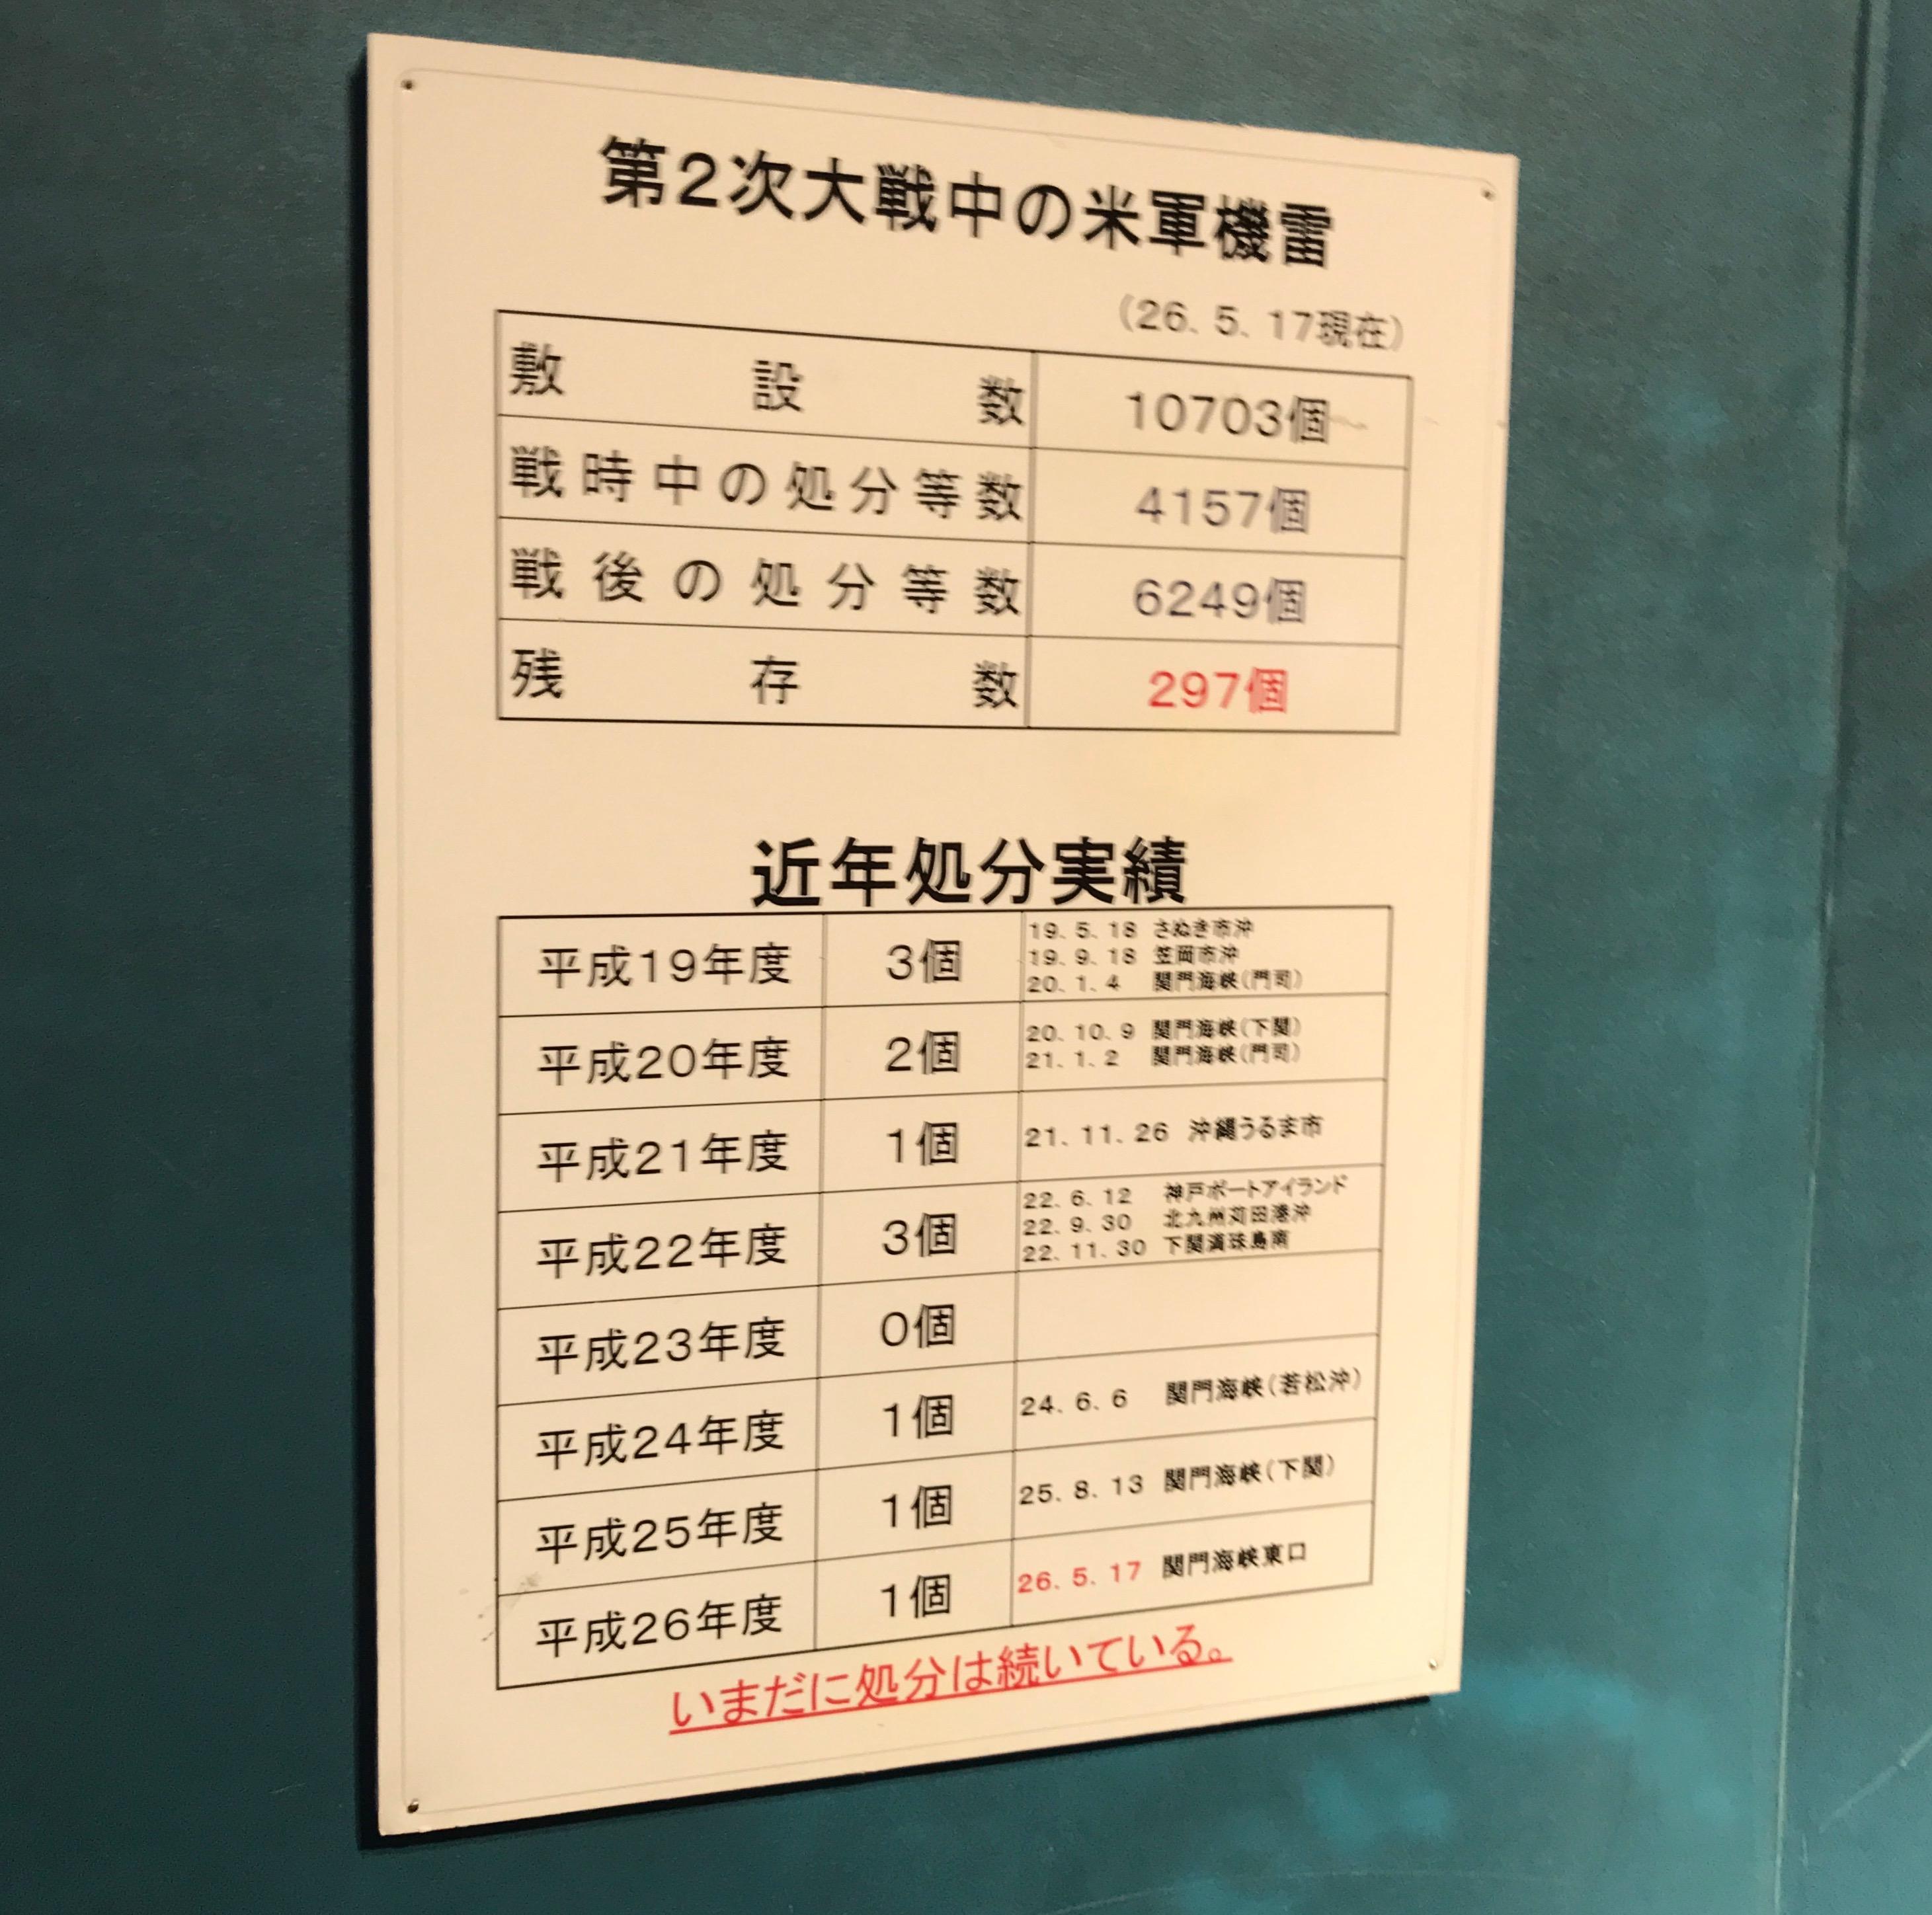 てつのくじら館での機雷に関する展示